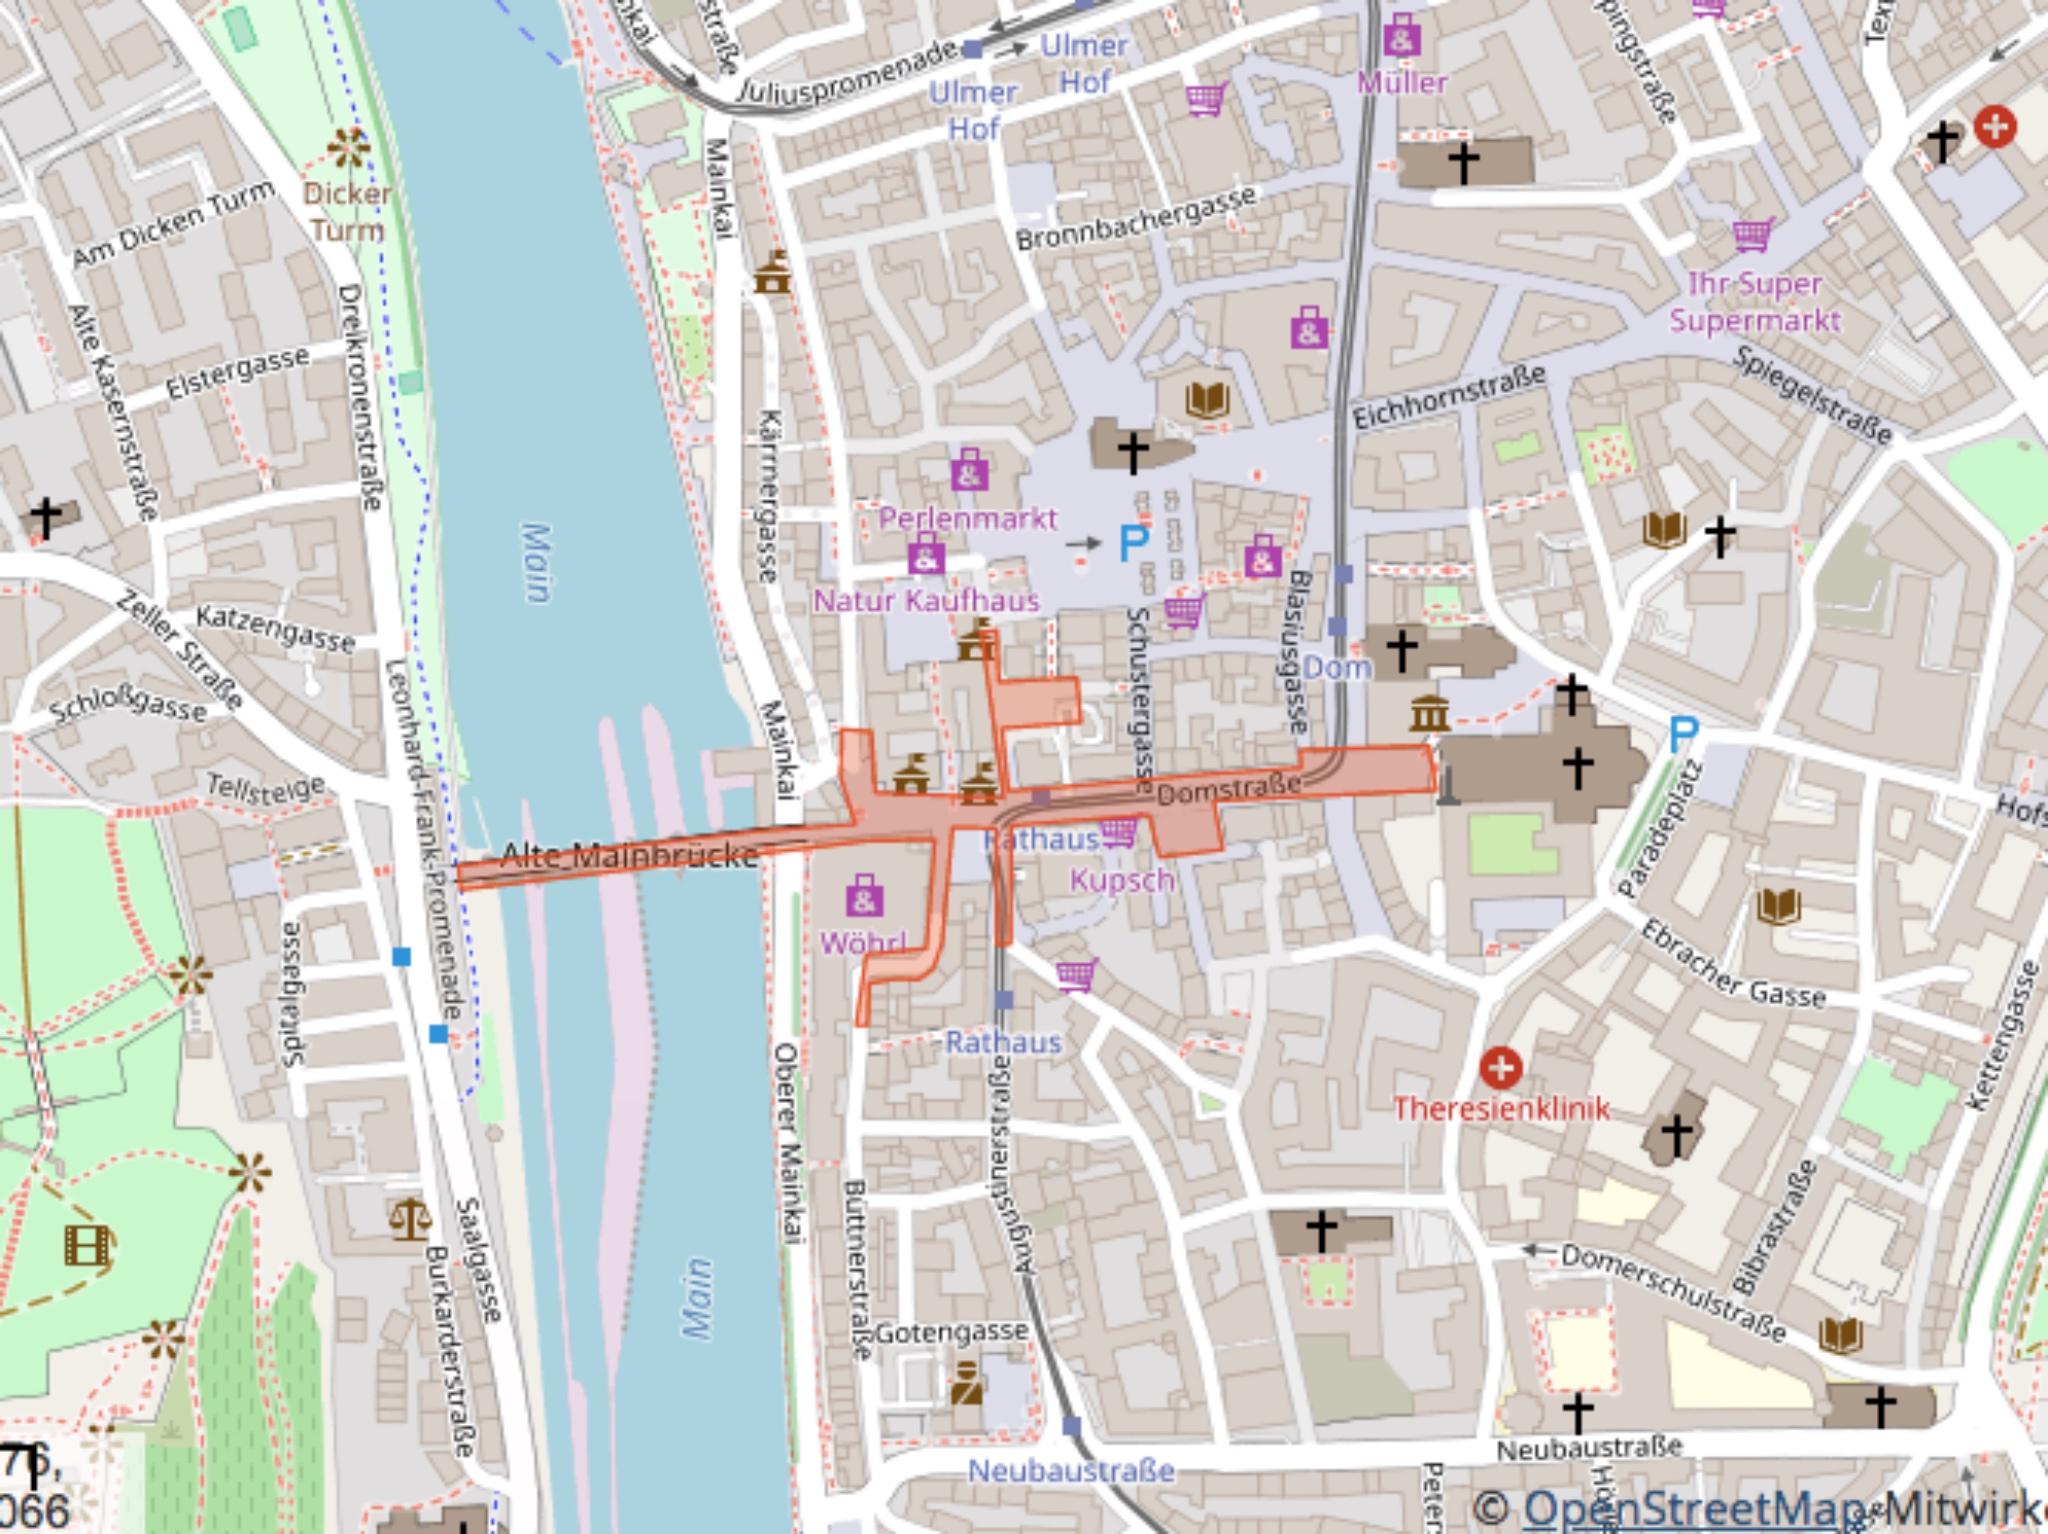 Sicherheitszone in der Silvesternacht 2018/19. Map: Stadt Würzburg; Copyright: Open Street Map